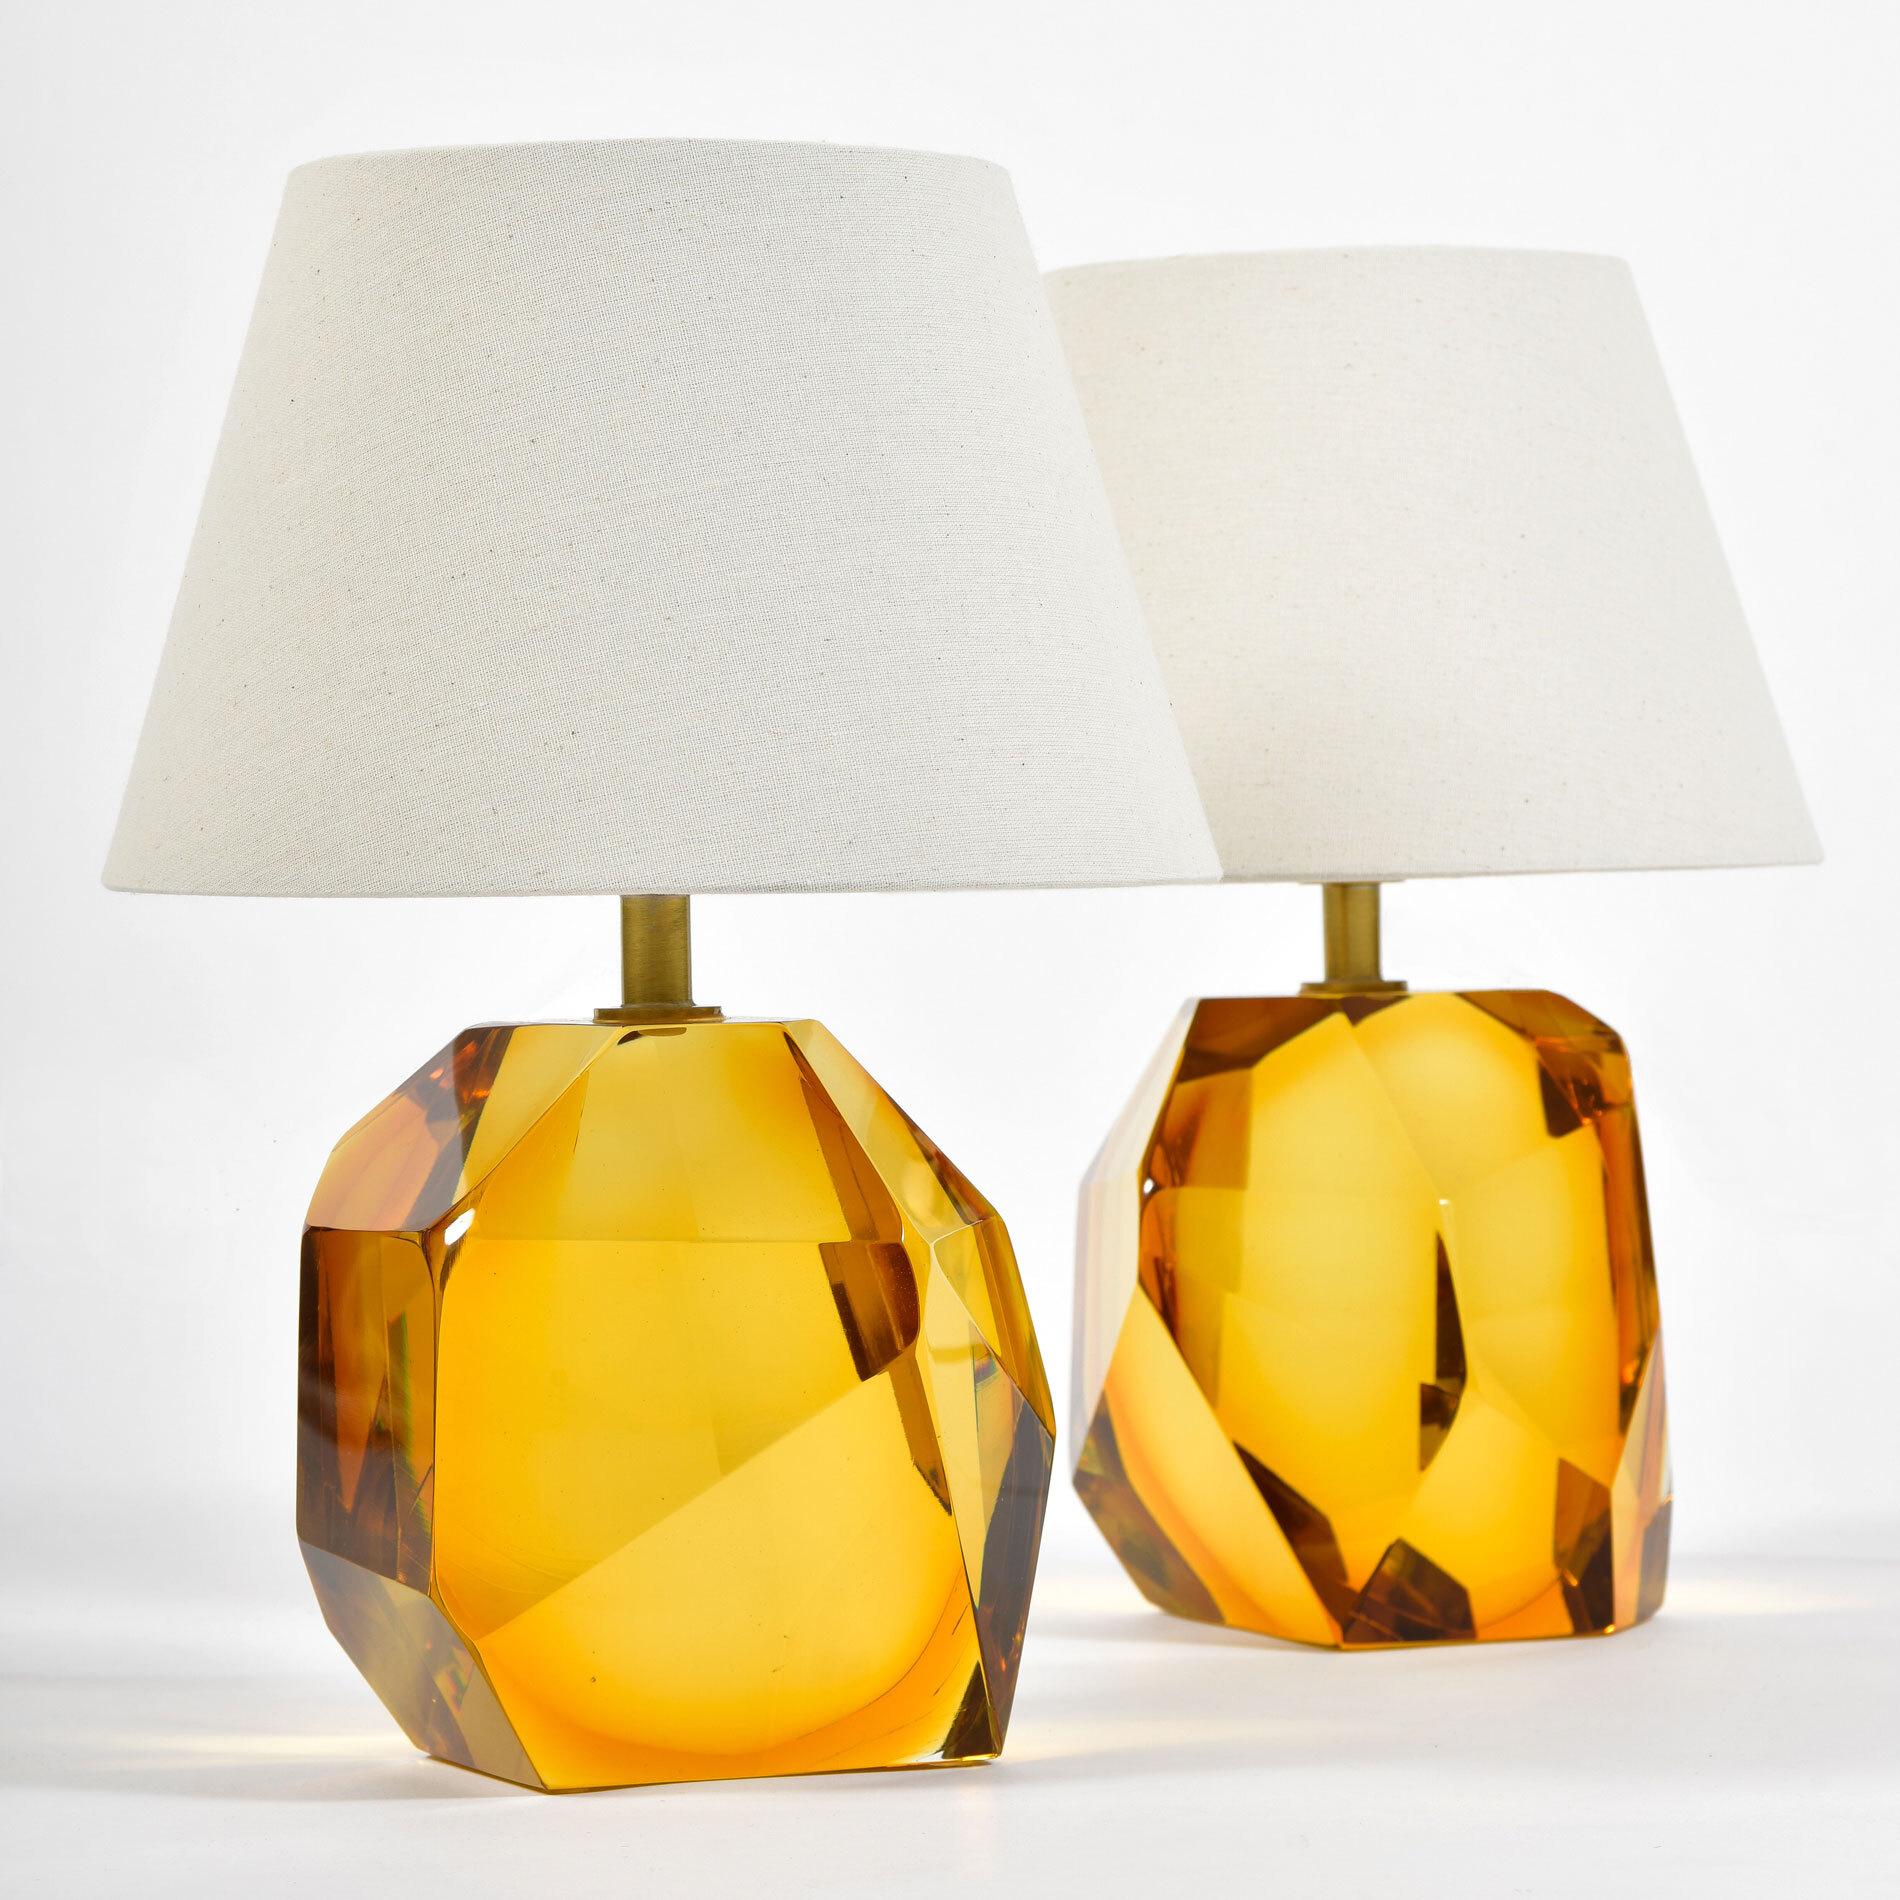 Pair Of Amber Rock Lamps 01